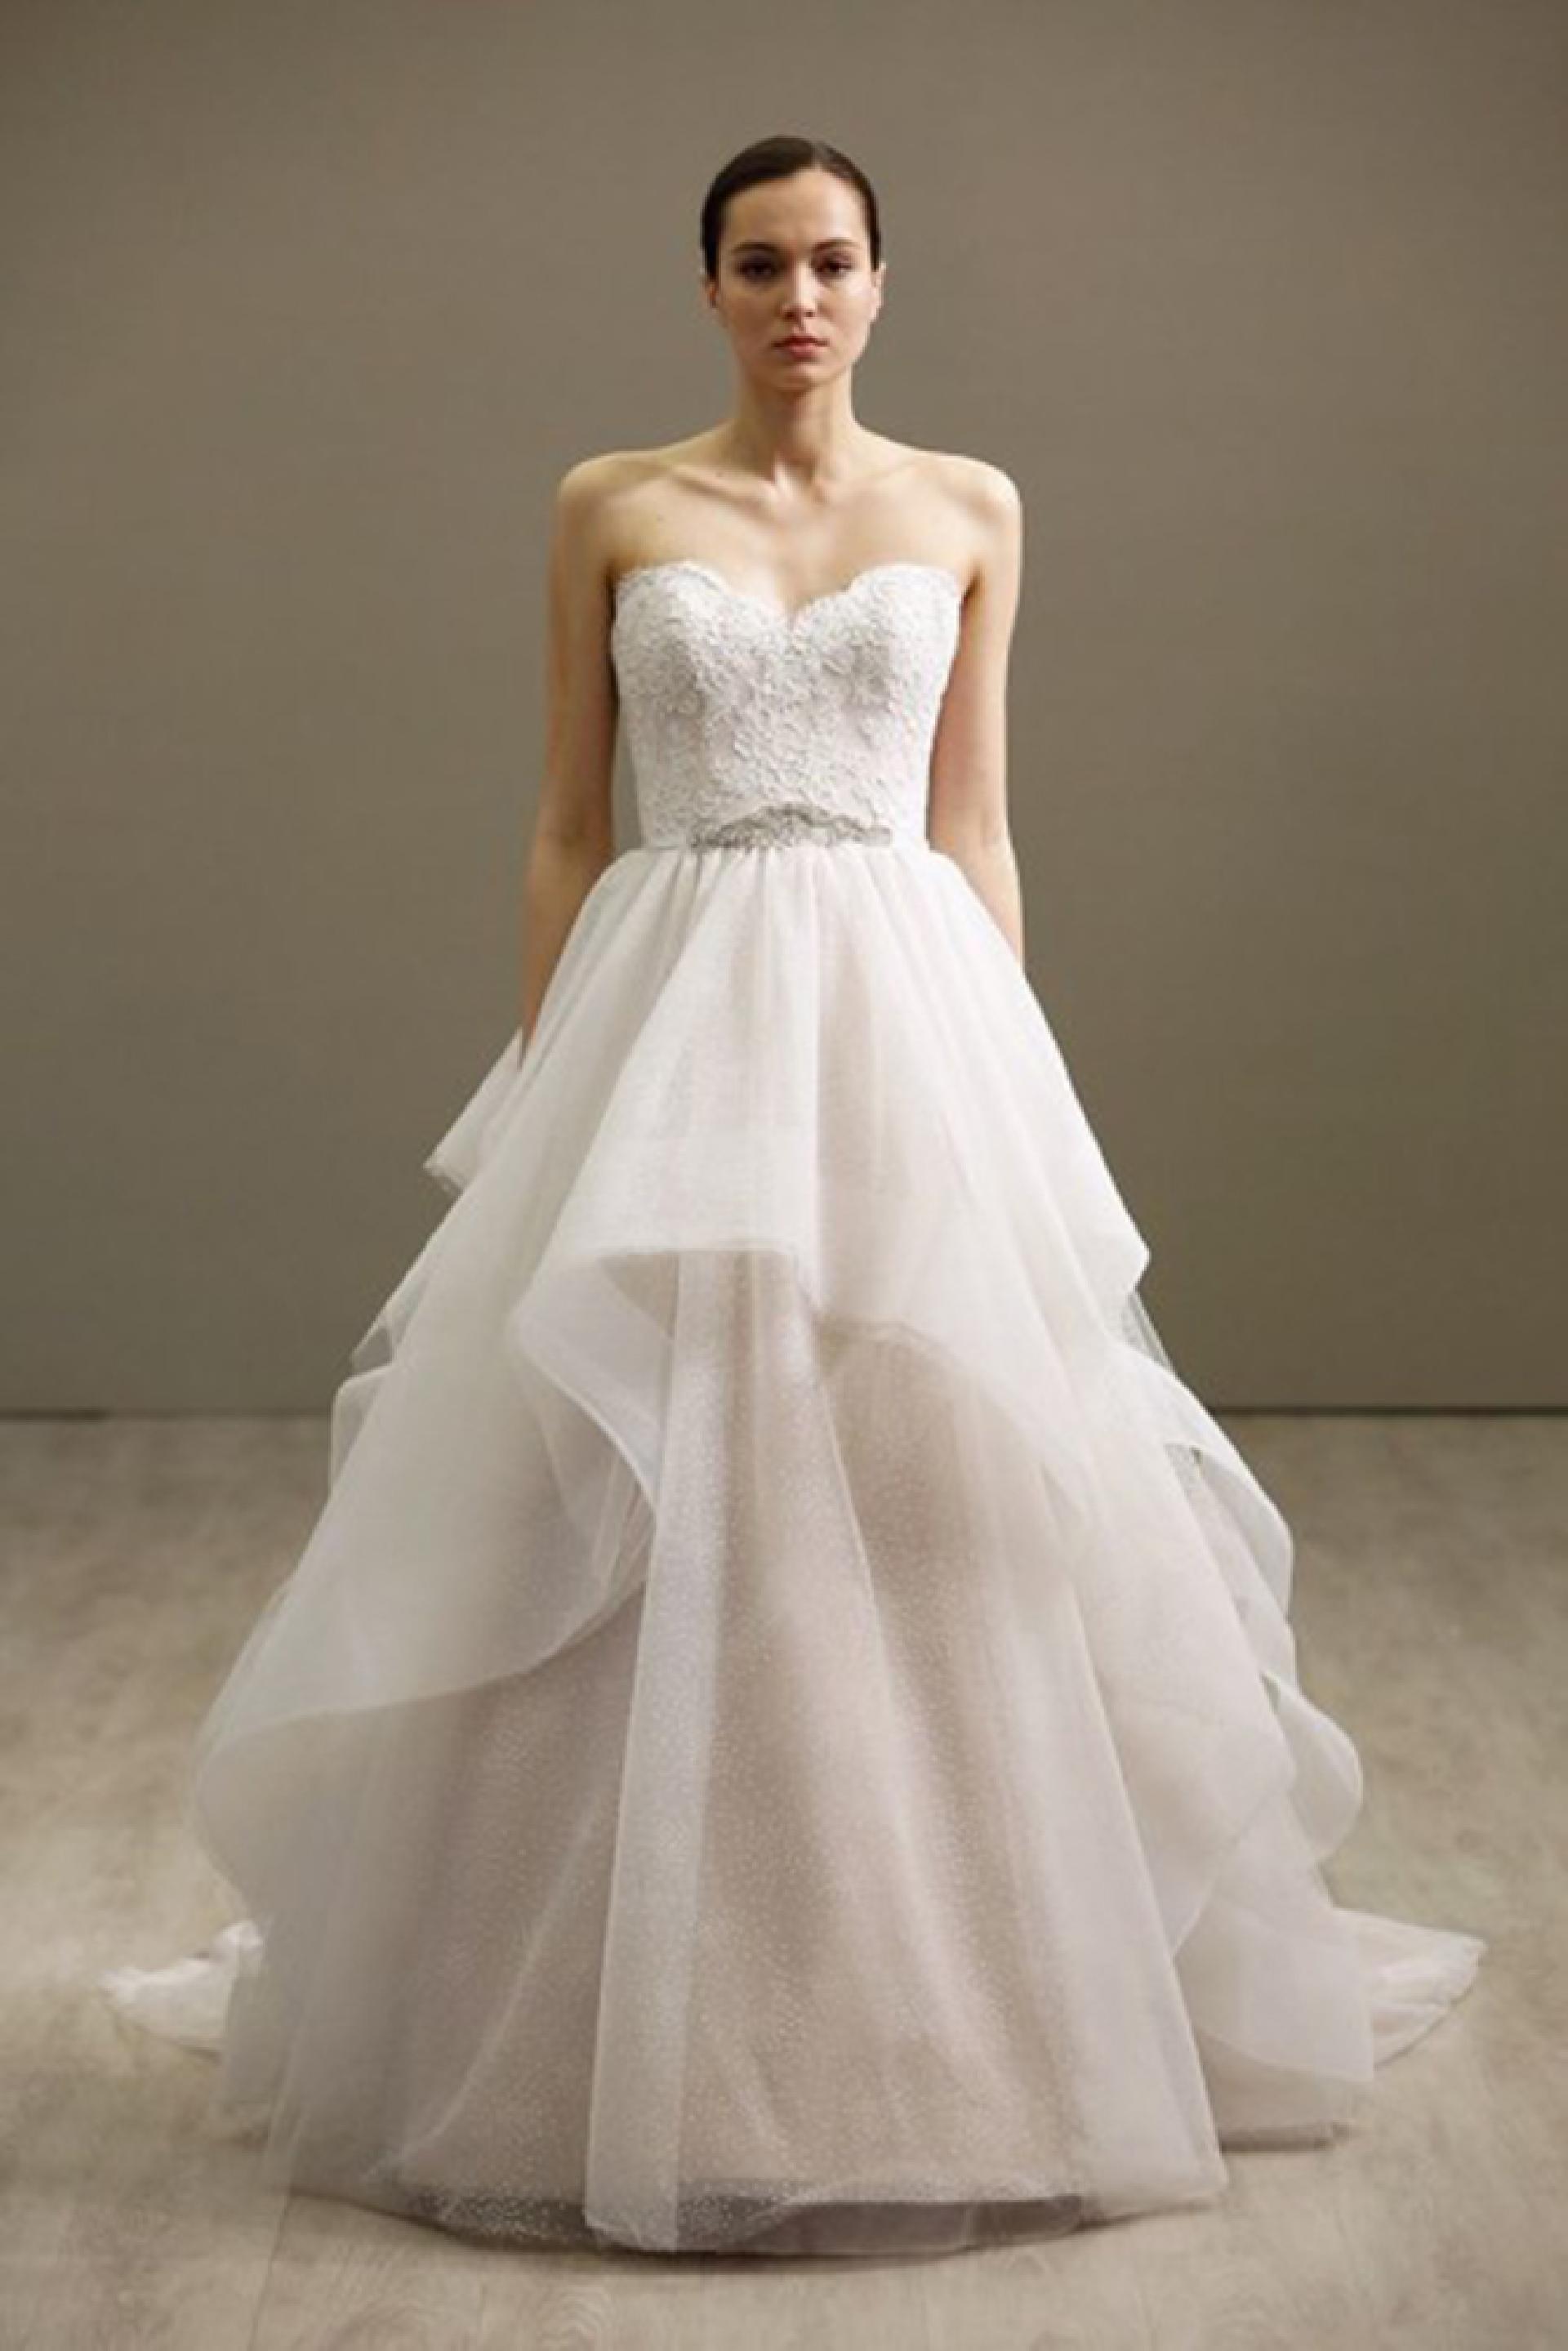 Used wedding dresses houston buyretinaus for Used wedding dresses houston